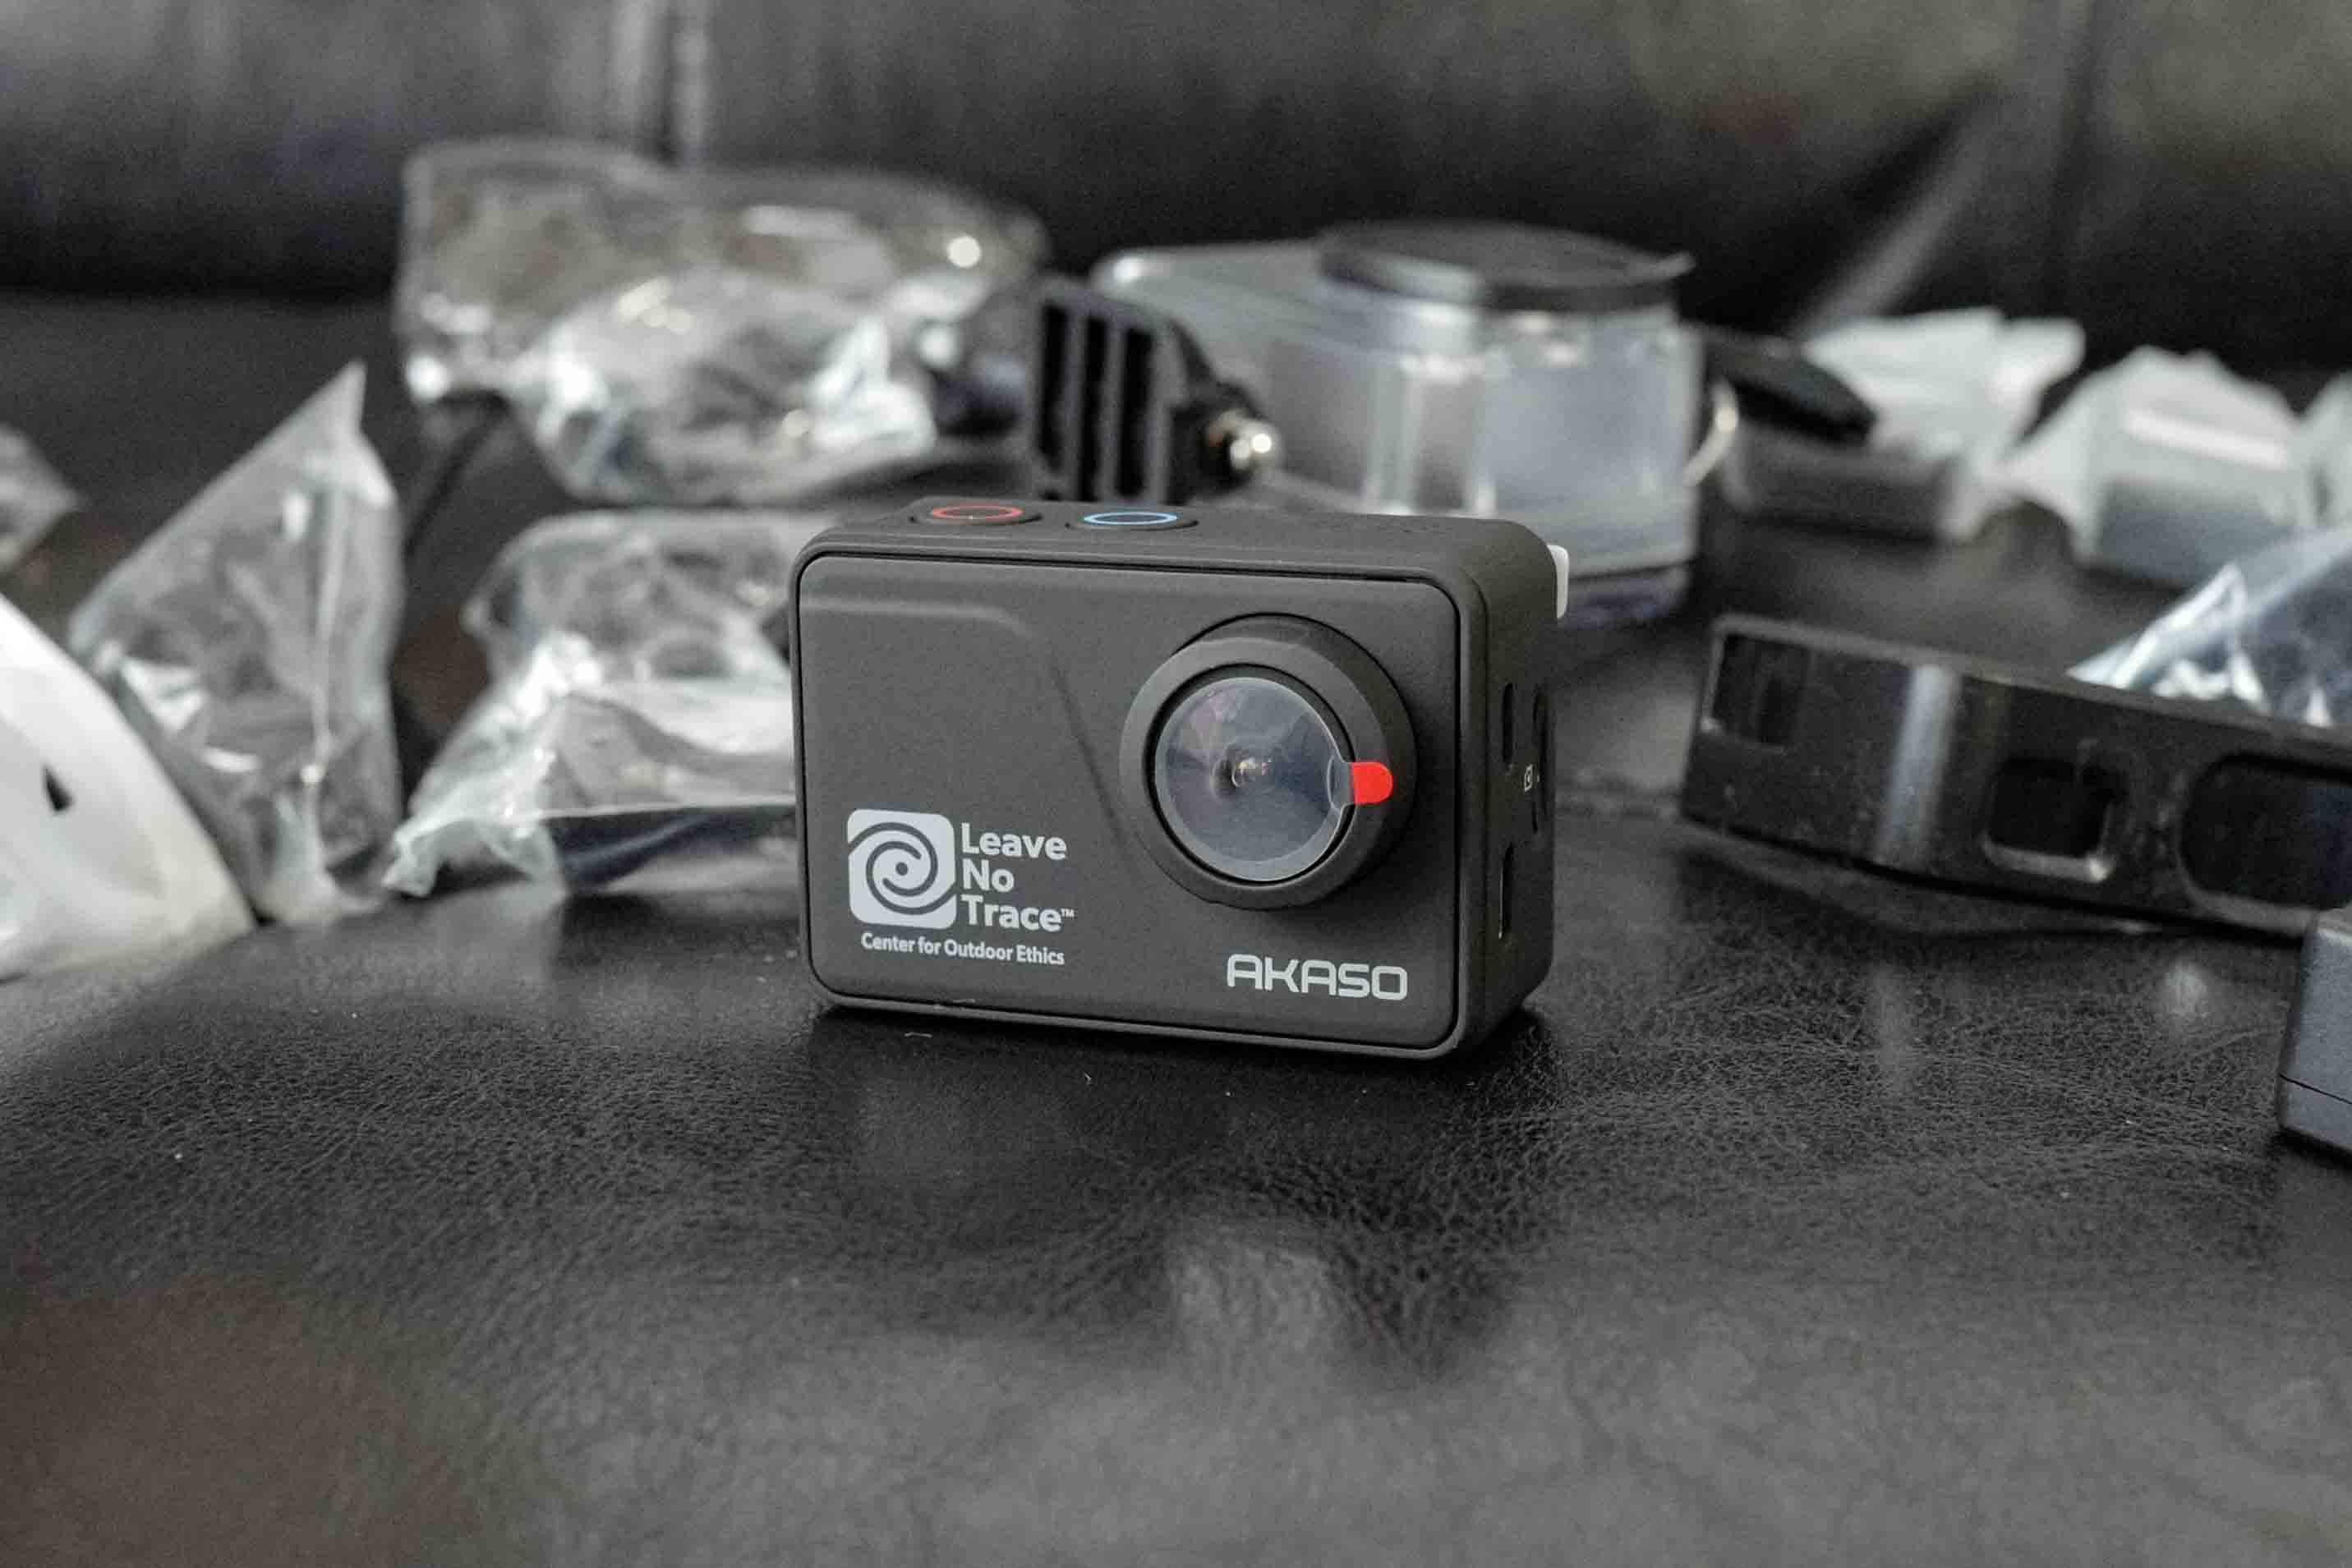 【モトブログ始めるならこのアクションカメラがおすすめ!】AKASO V50 Pro SEの外観と付属品詳細写真!